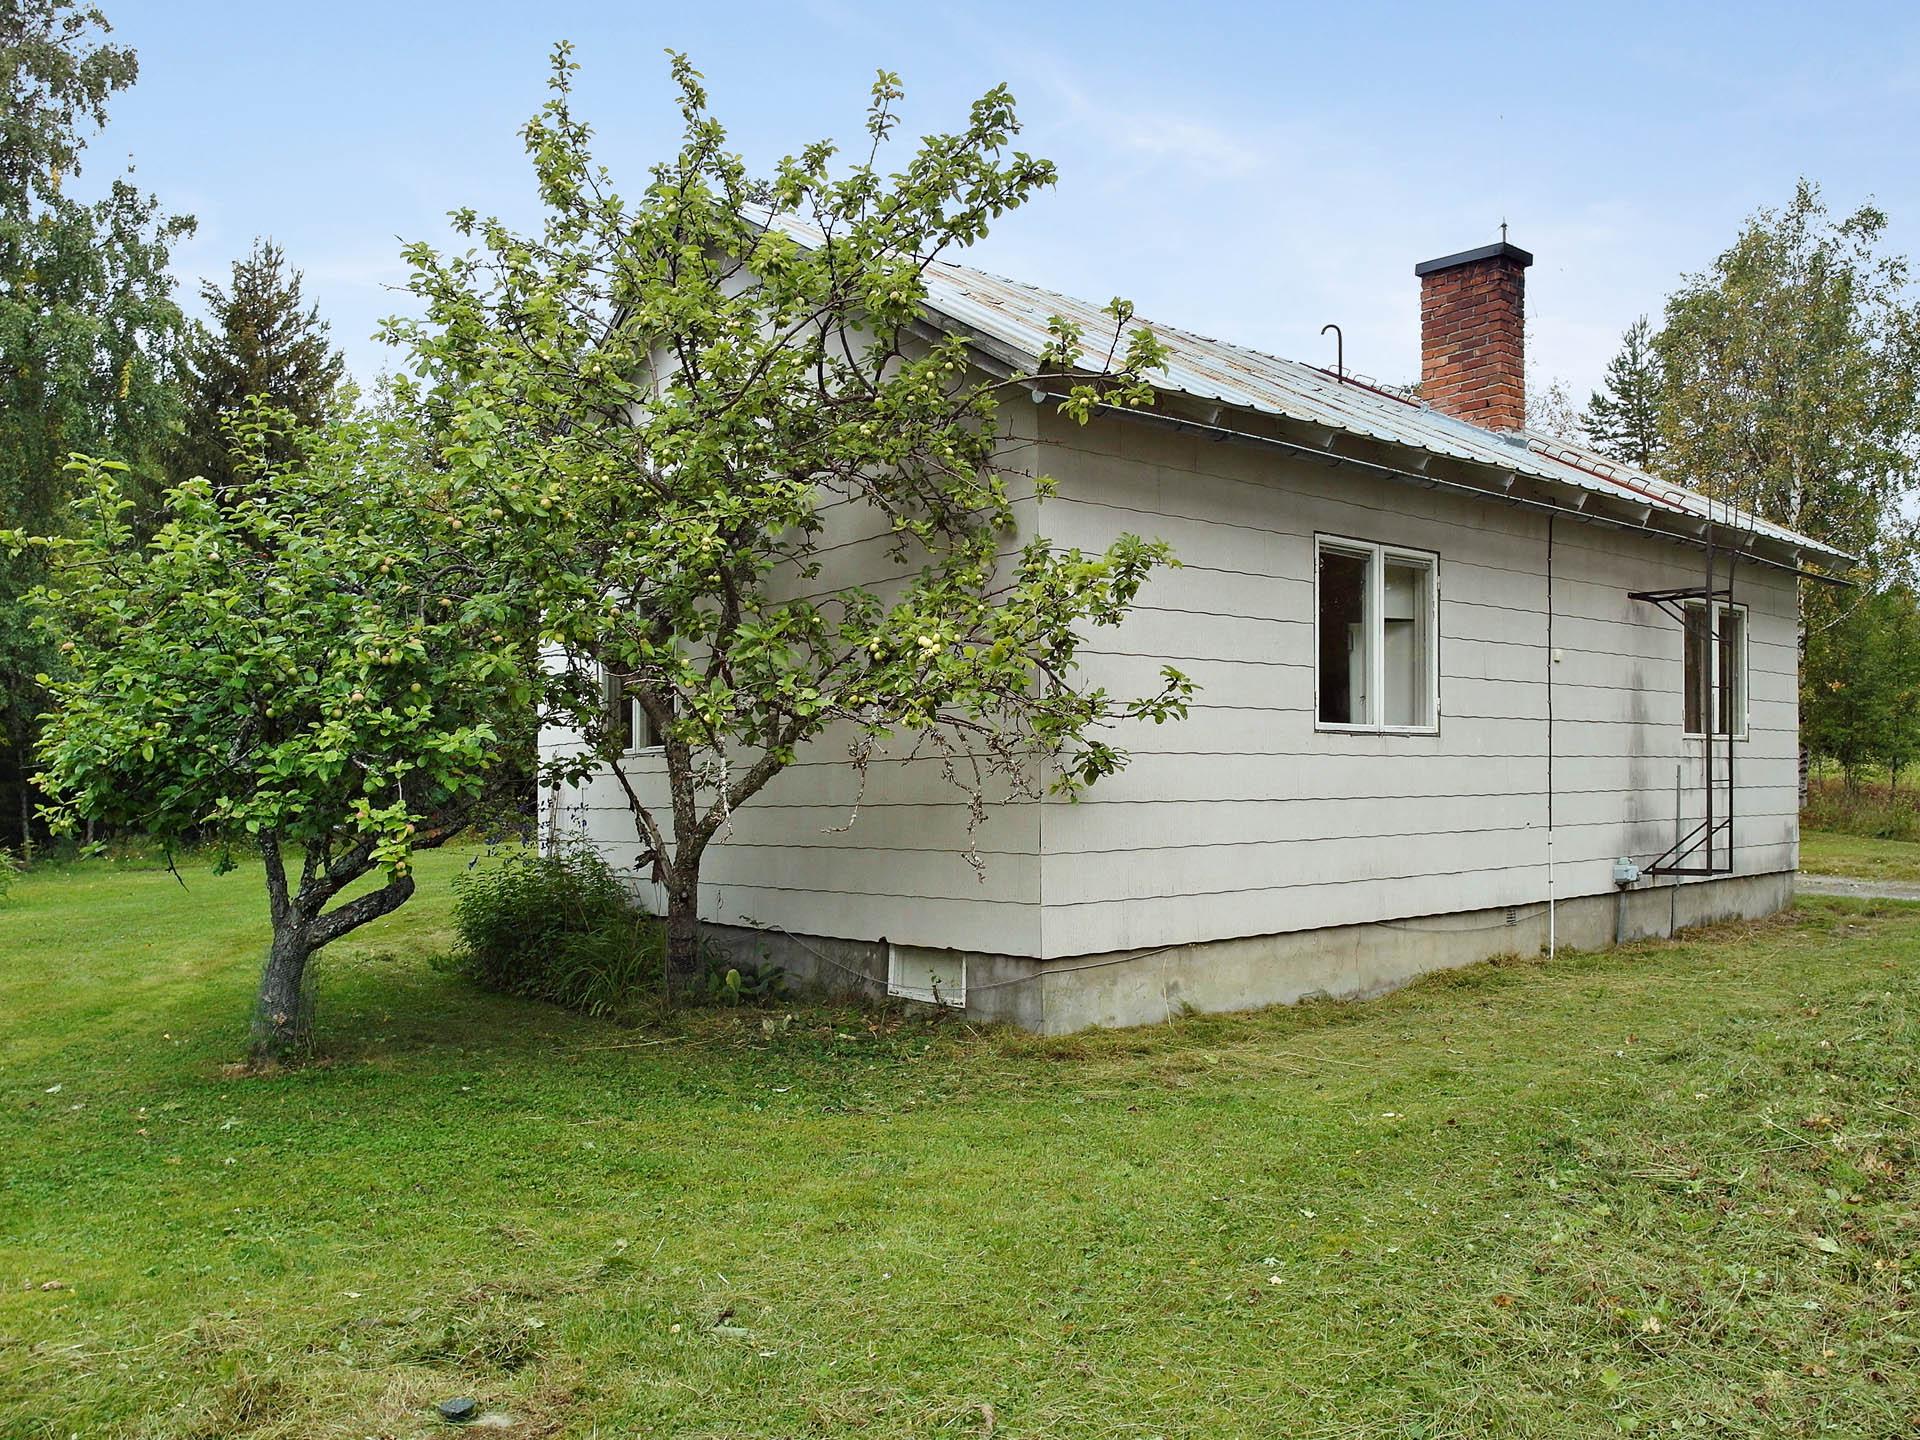 Baksidan av huset. på gaveln finns två stycken äppelträd!